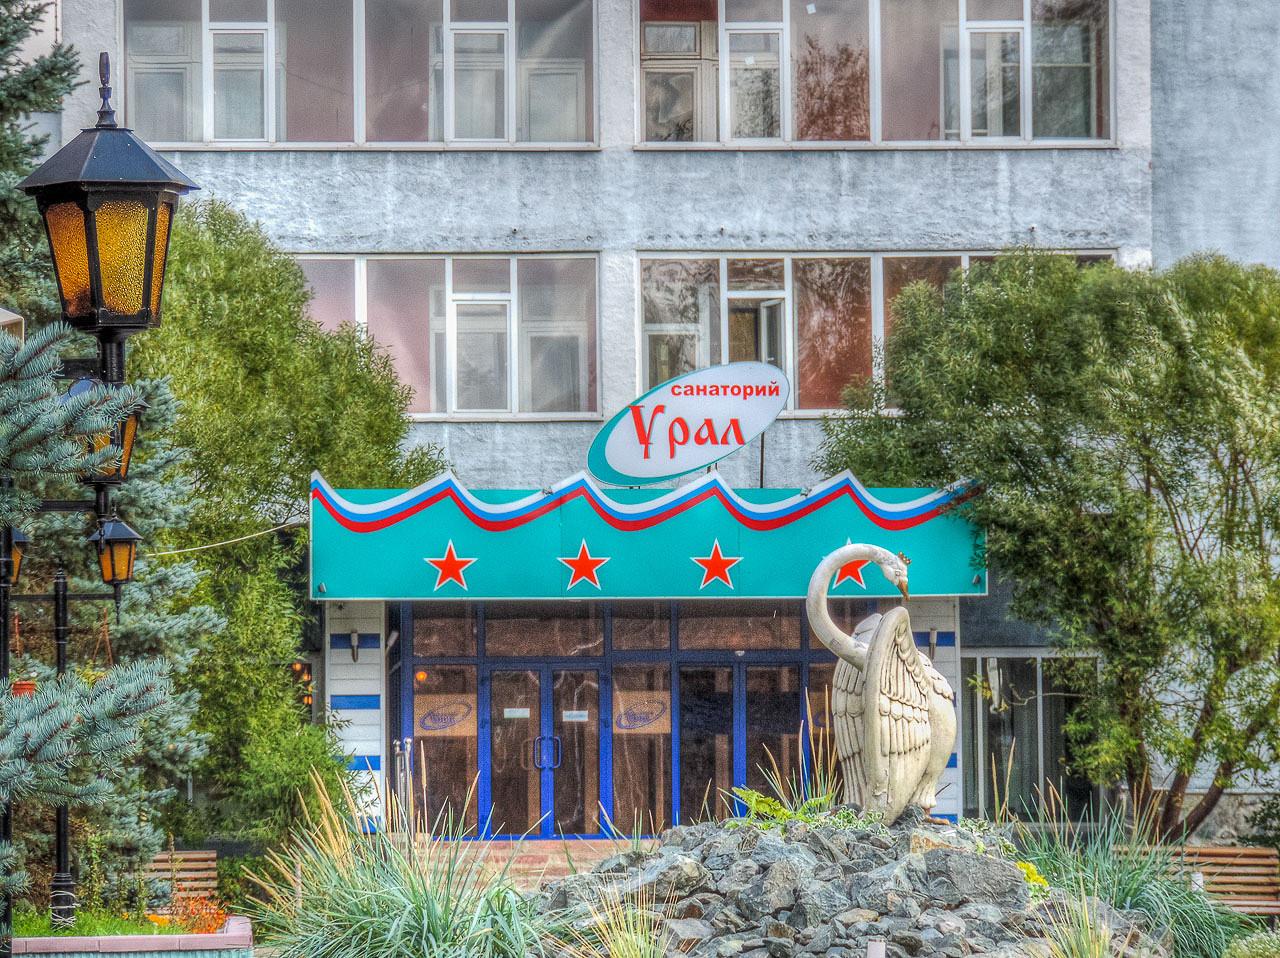 Лечение гипертонии в санаториях Урала и России